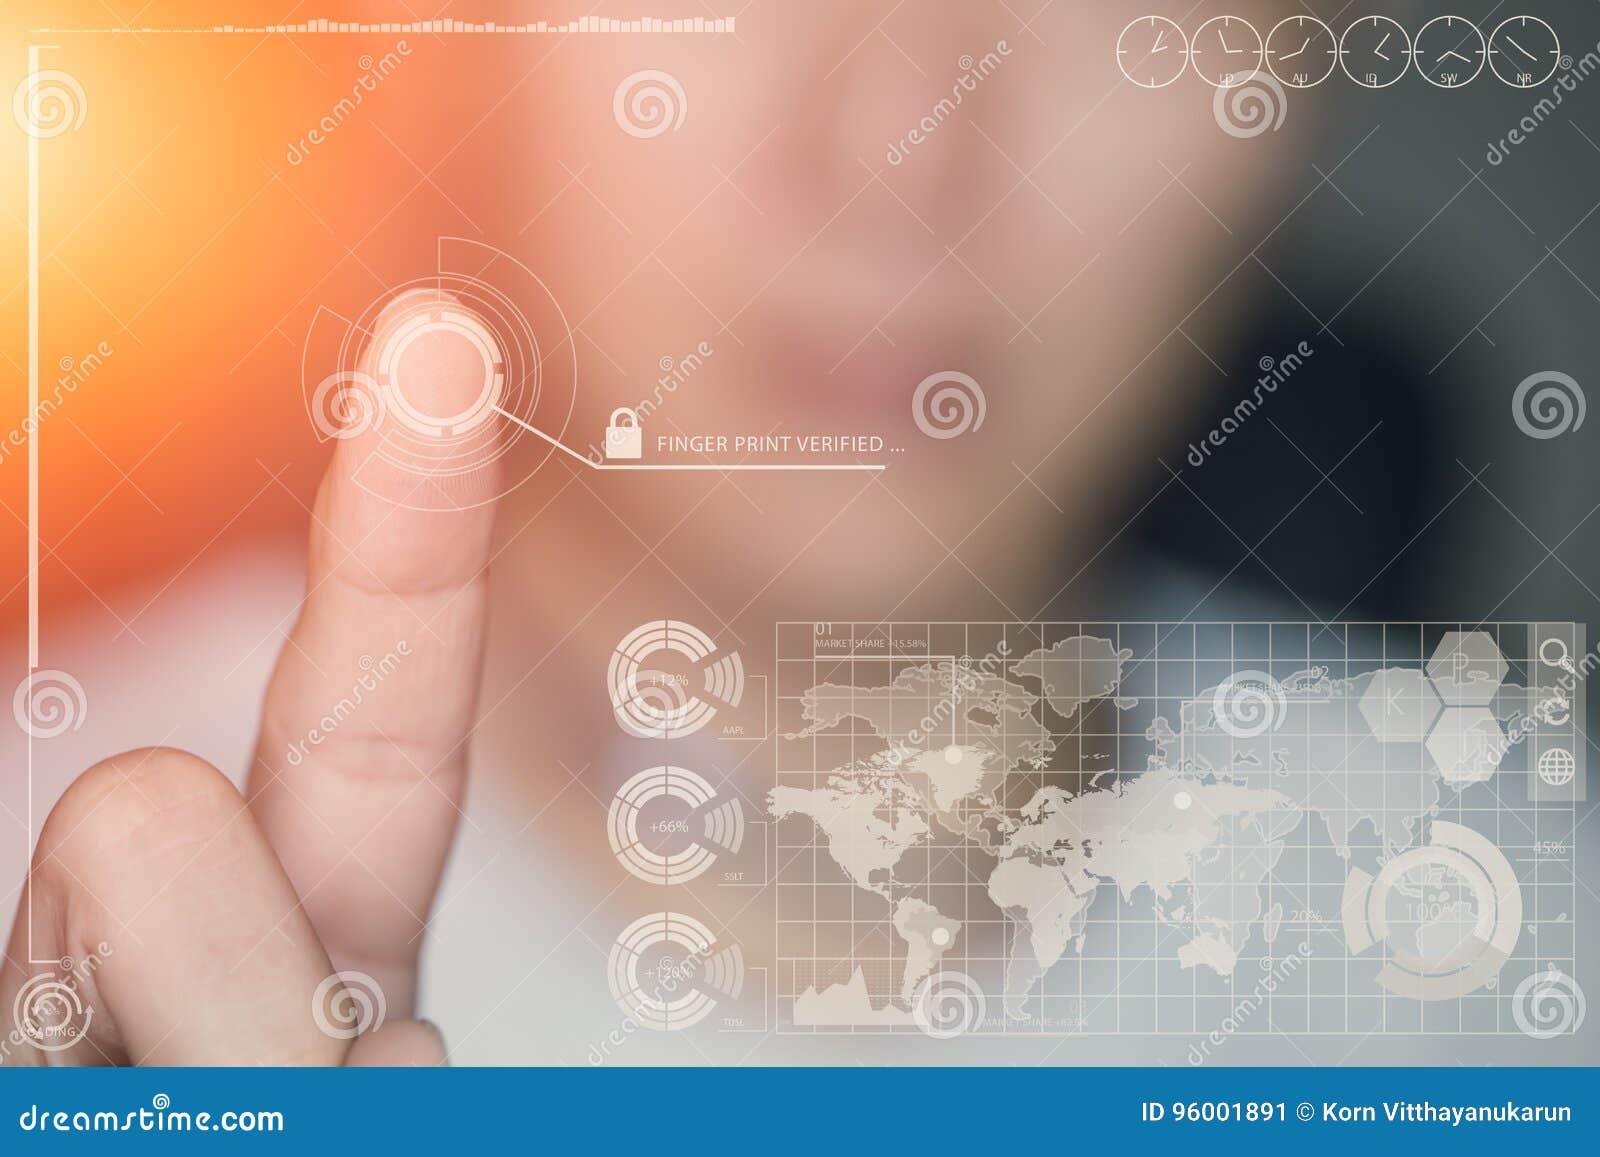 Handfinger-Notenfingerabdruck überprüft mit Sicherheit